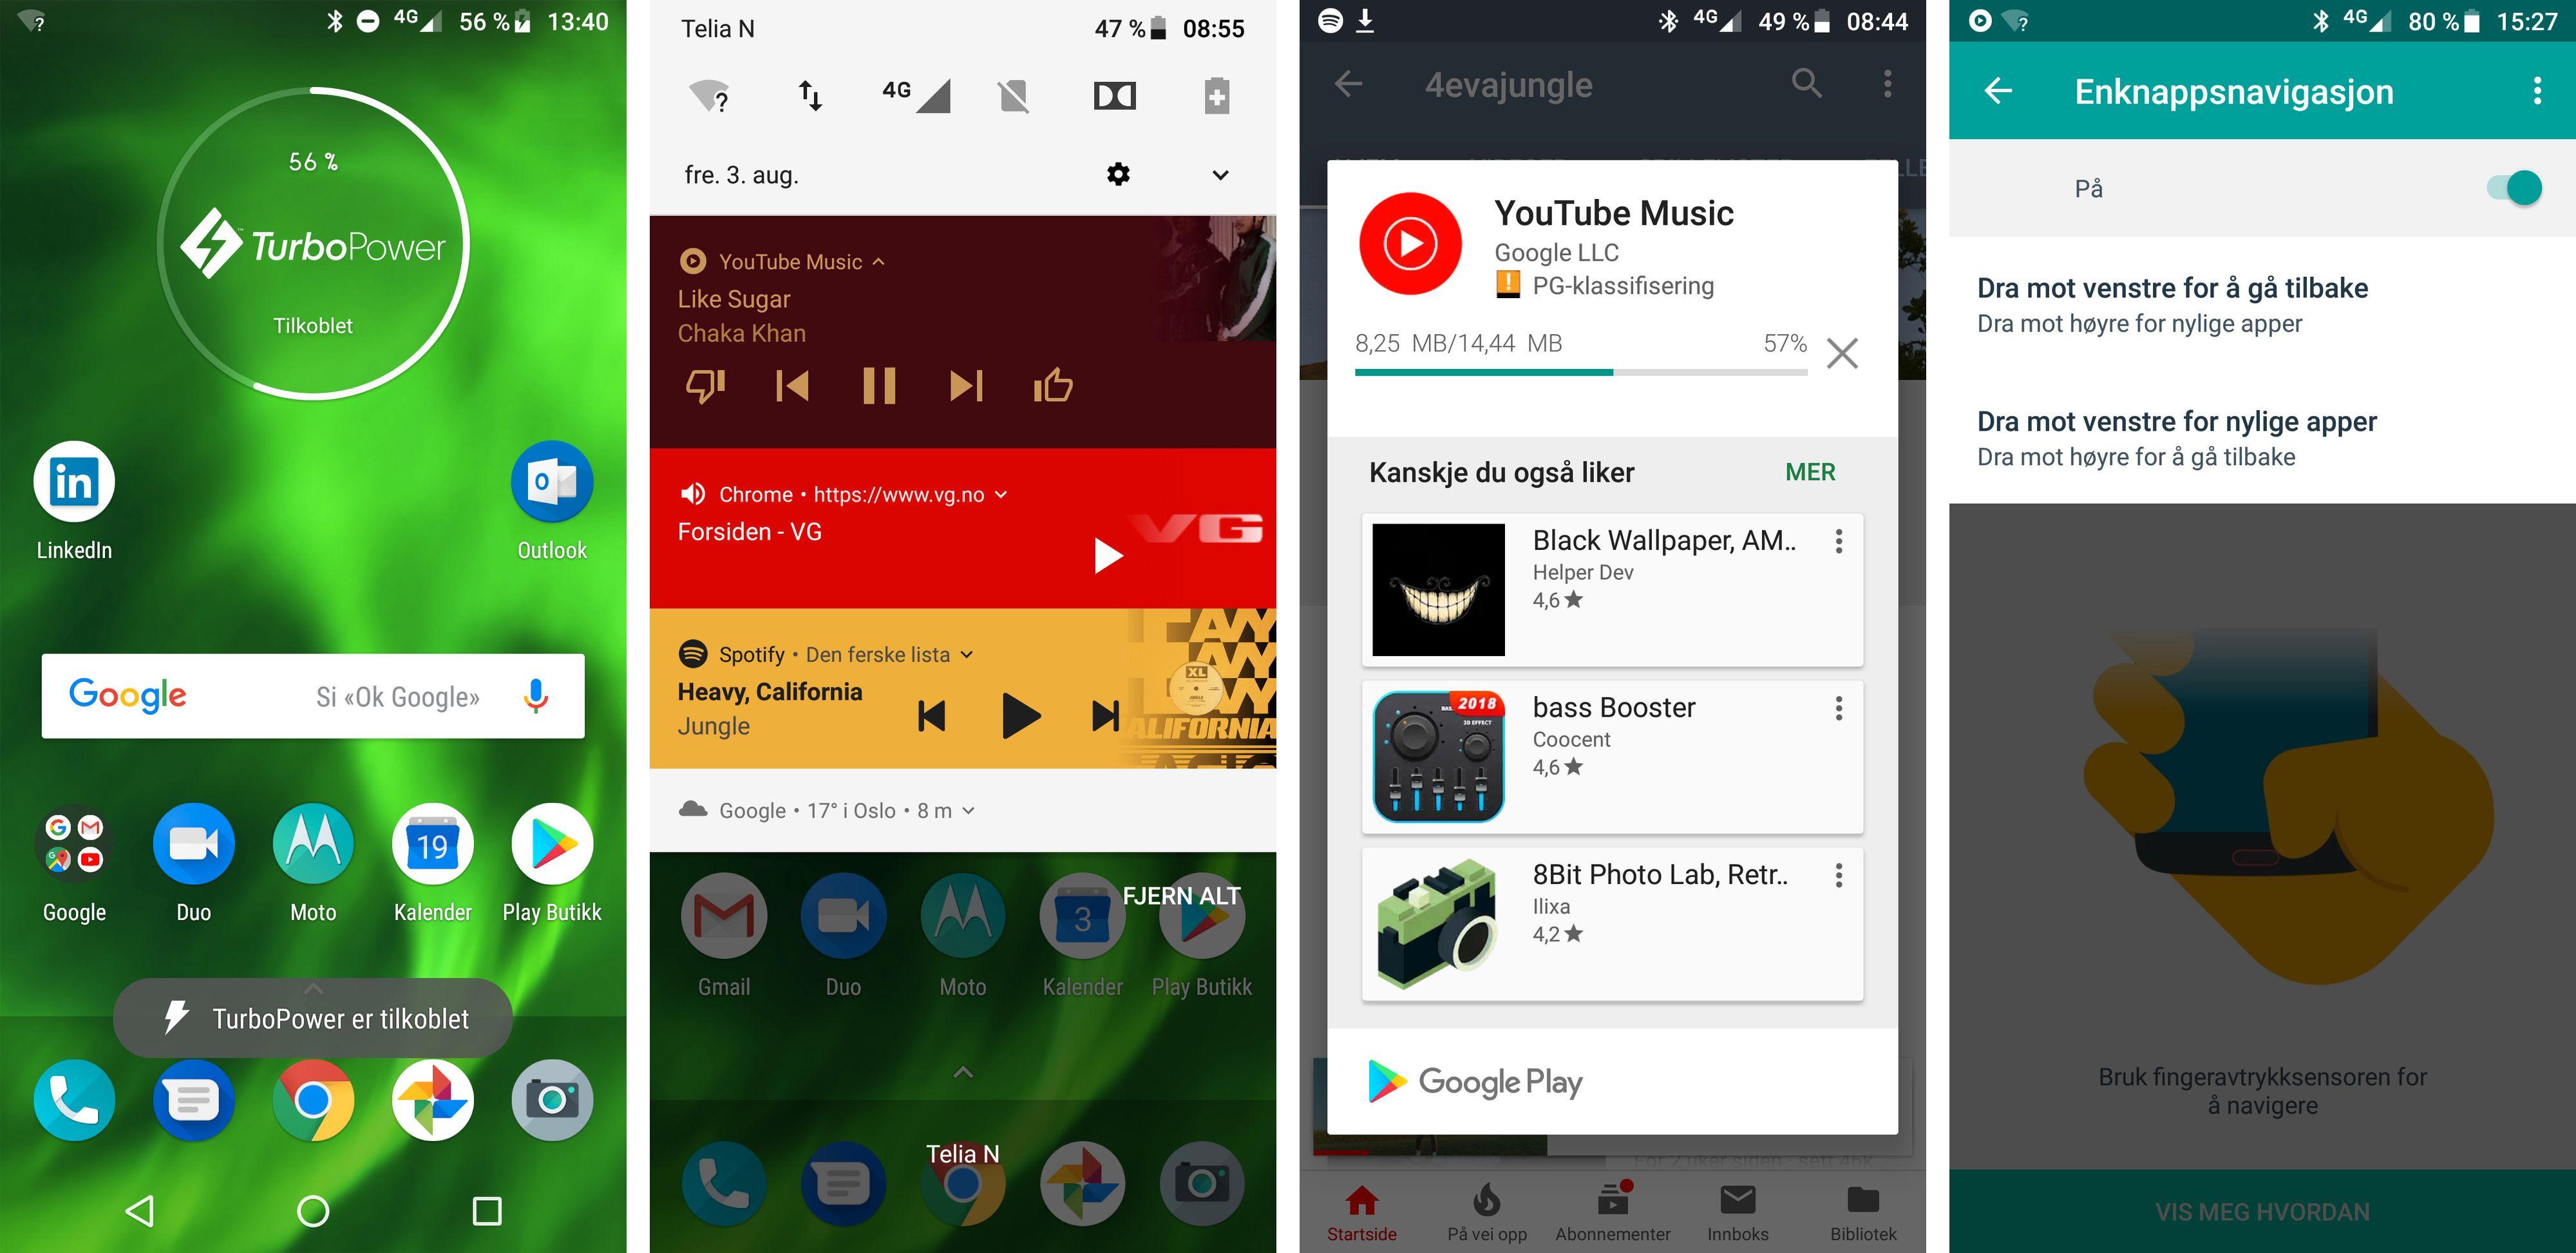 Det er tilnærmet ren Android som kjører på Moto G-telefonene. Det eneste Motorola-tillegget her er Moto-appen der du kan skru av og på fingeravtrykksleserens ekstrafunksjoner. Men du kan ikke tilpasse dem. Å legge til en bryter som skrur av og på de ulike enkeltfunksjonene den styrer hadde fjernet Moto G6' største irritasjonsmoment.